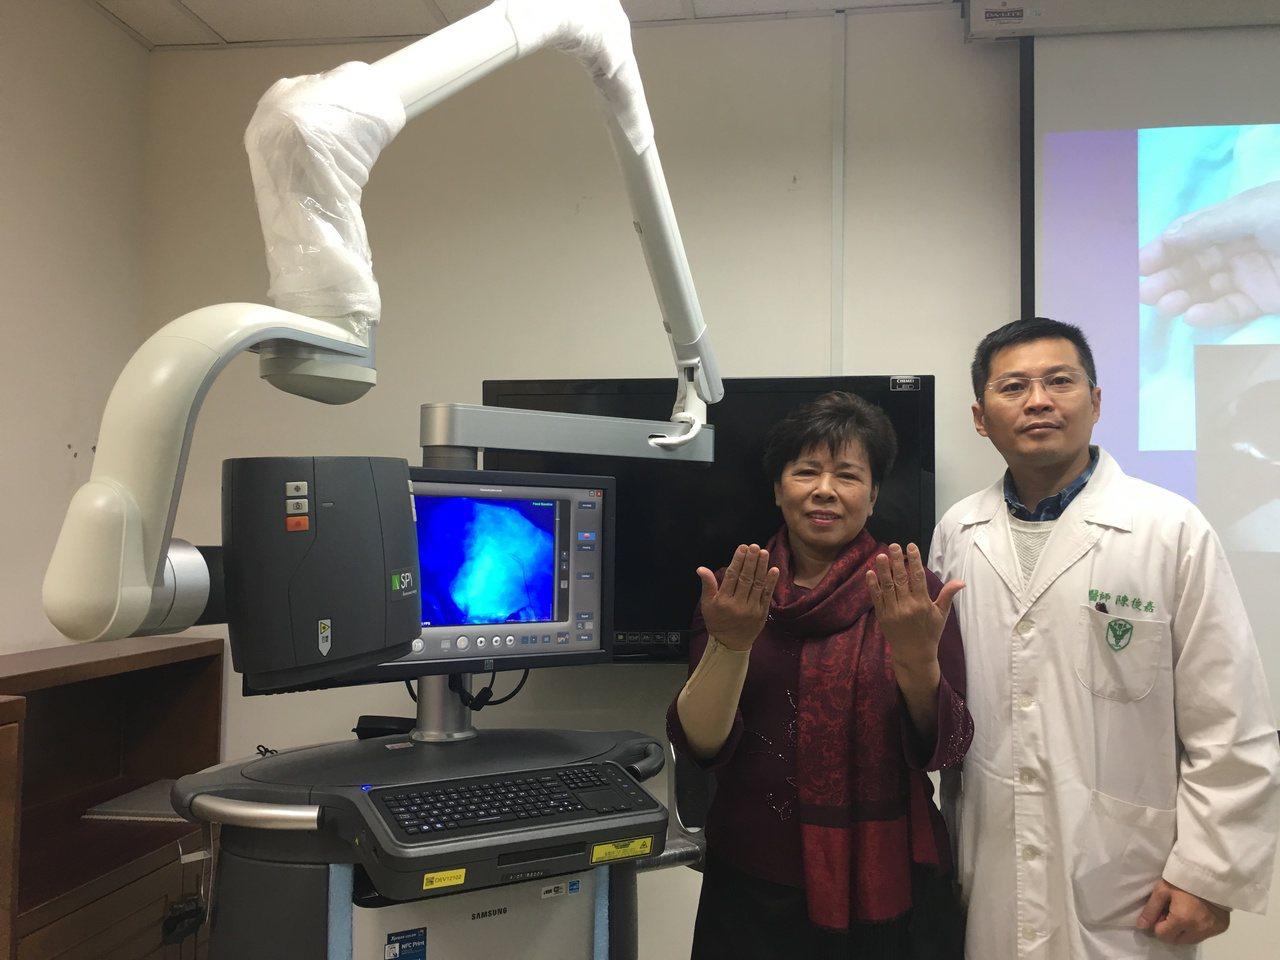 奇美醫學中心整形外科主治醫師陳俊嘉(右)因醫院引進的「手術螢光即時影像導引系統」...